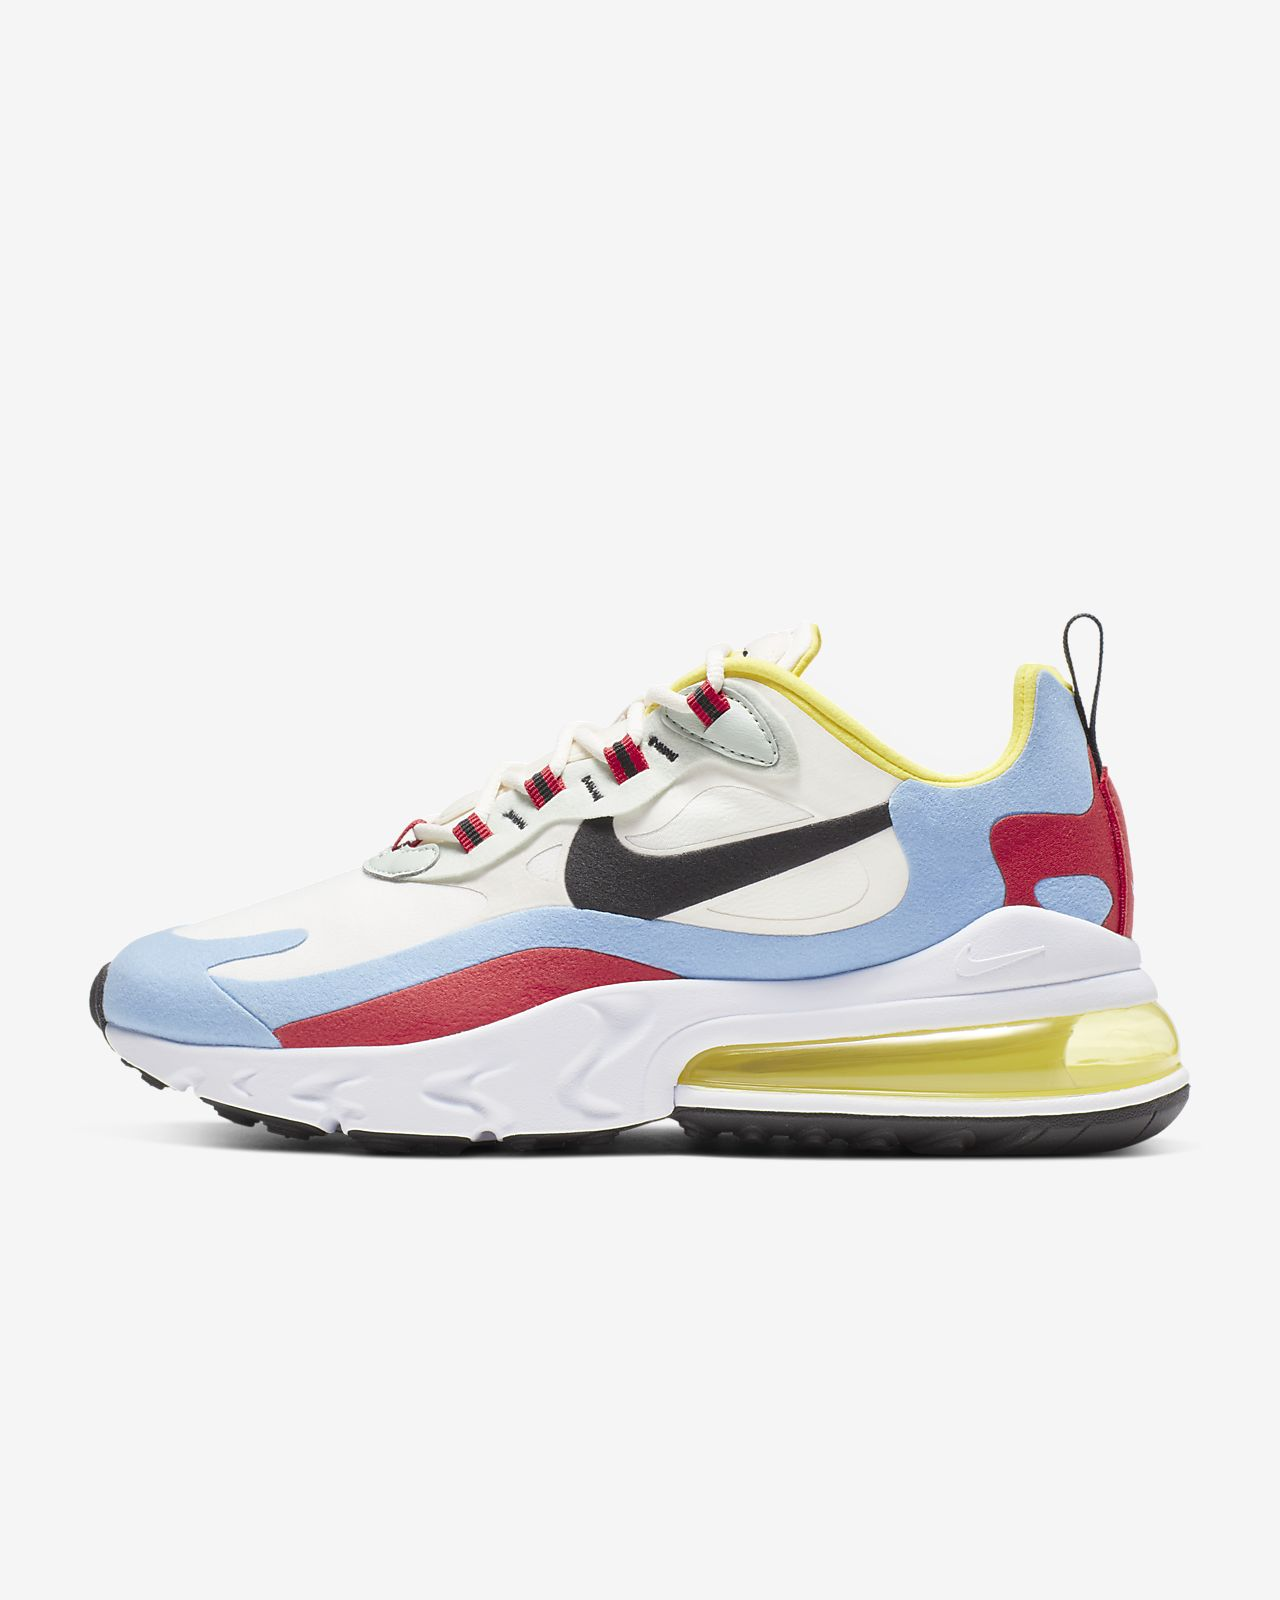 Γυναικείο παπούτσι Nike Air Max 270 React (Bauhaus)